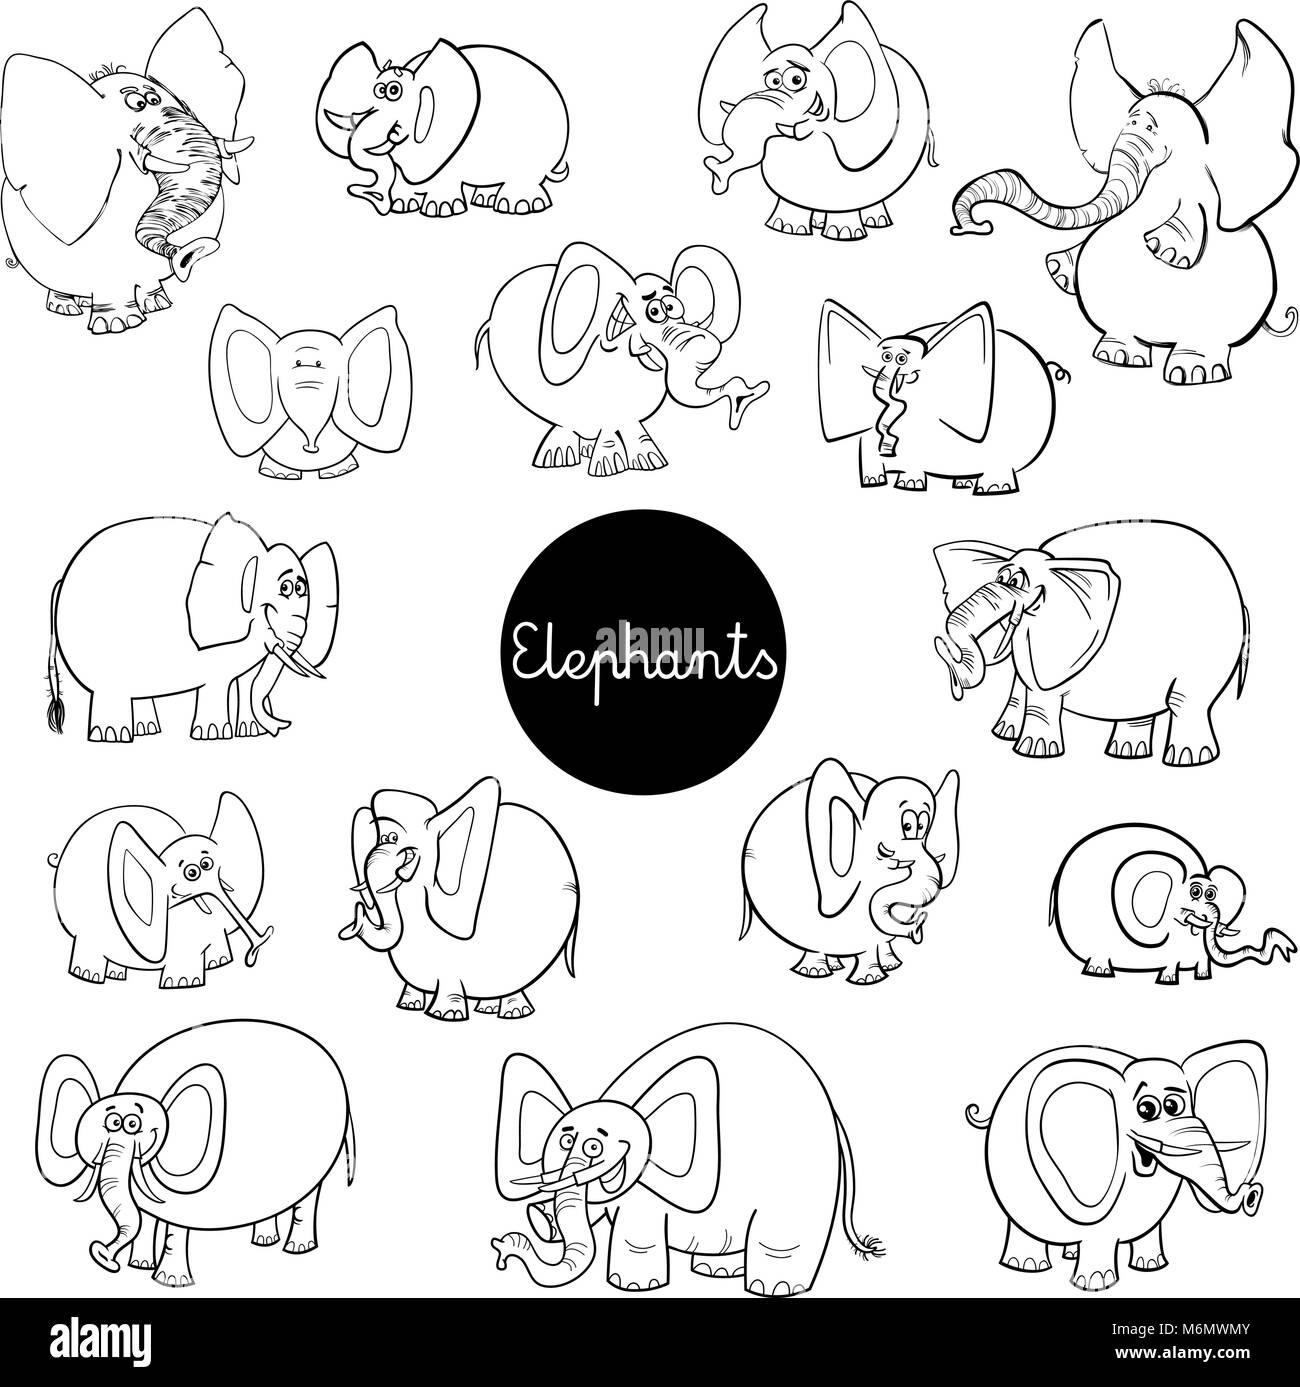 Ilustración caricatura en blanco y negro de personajes de animales ...